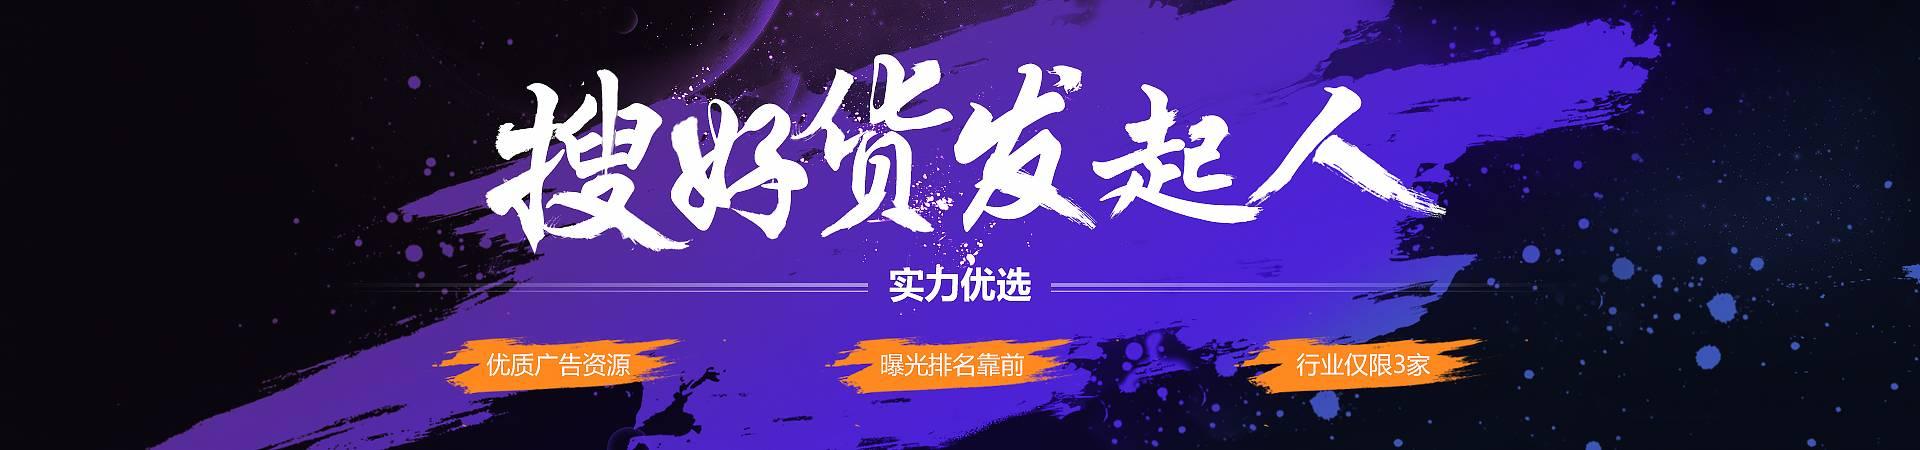 南京現貨馬鋼鍍鋅板,吳花鍍鋅卷 南京鍍鋅板圖片